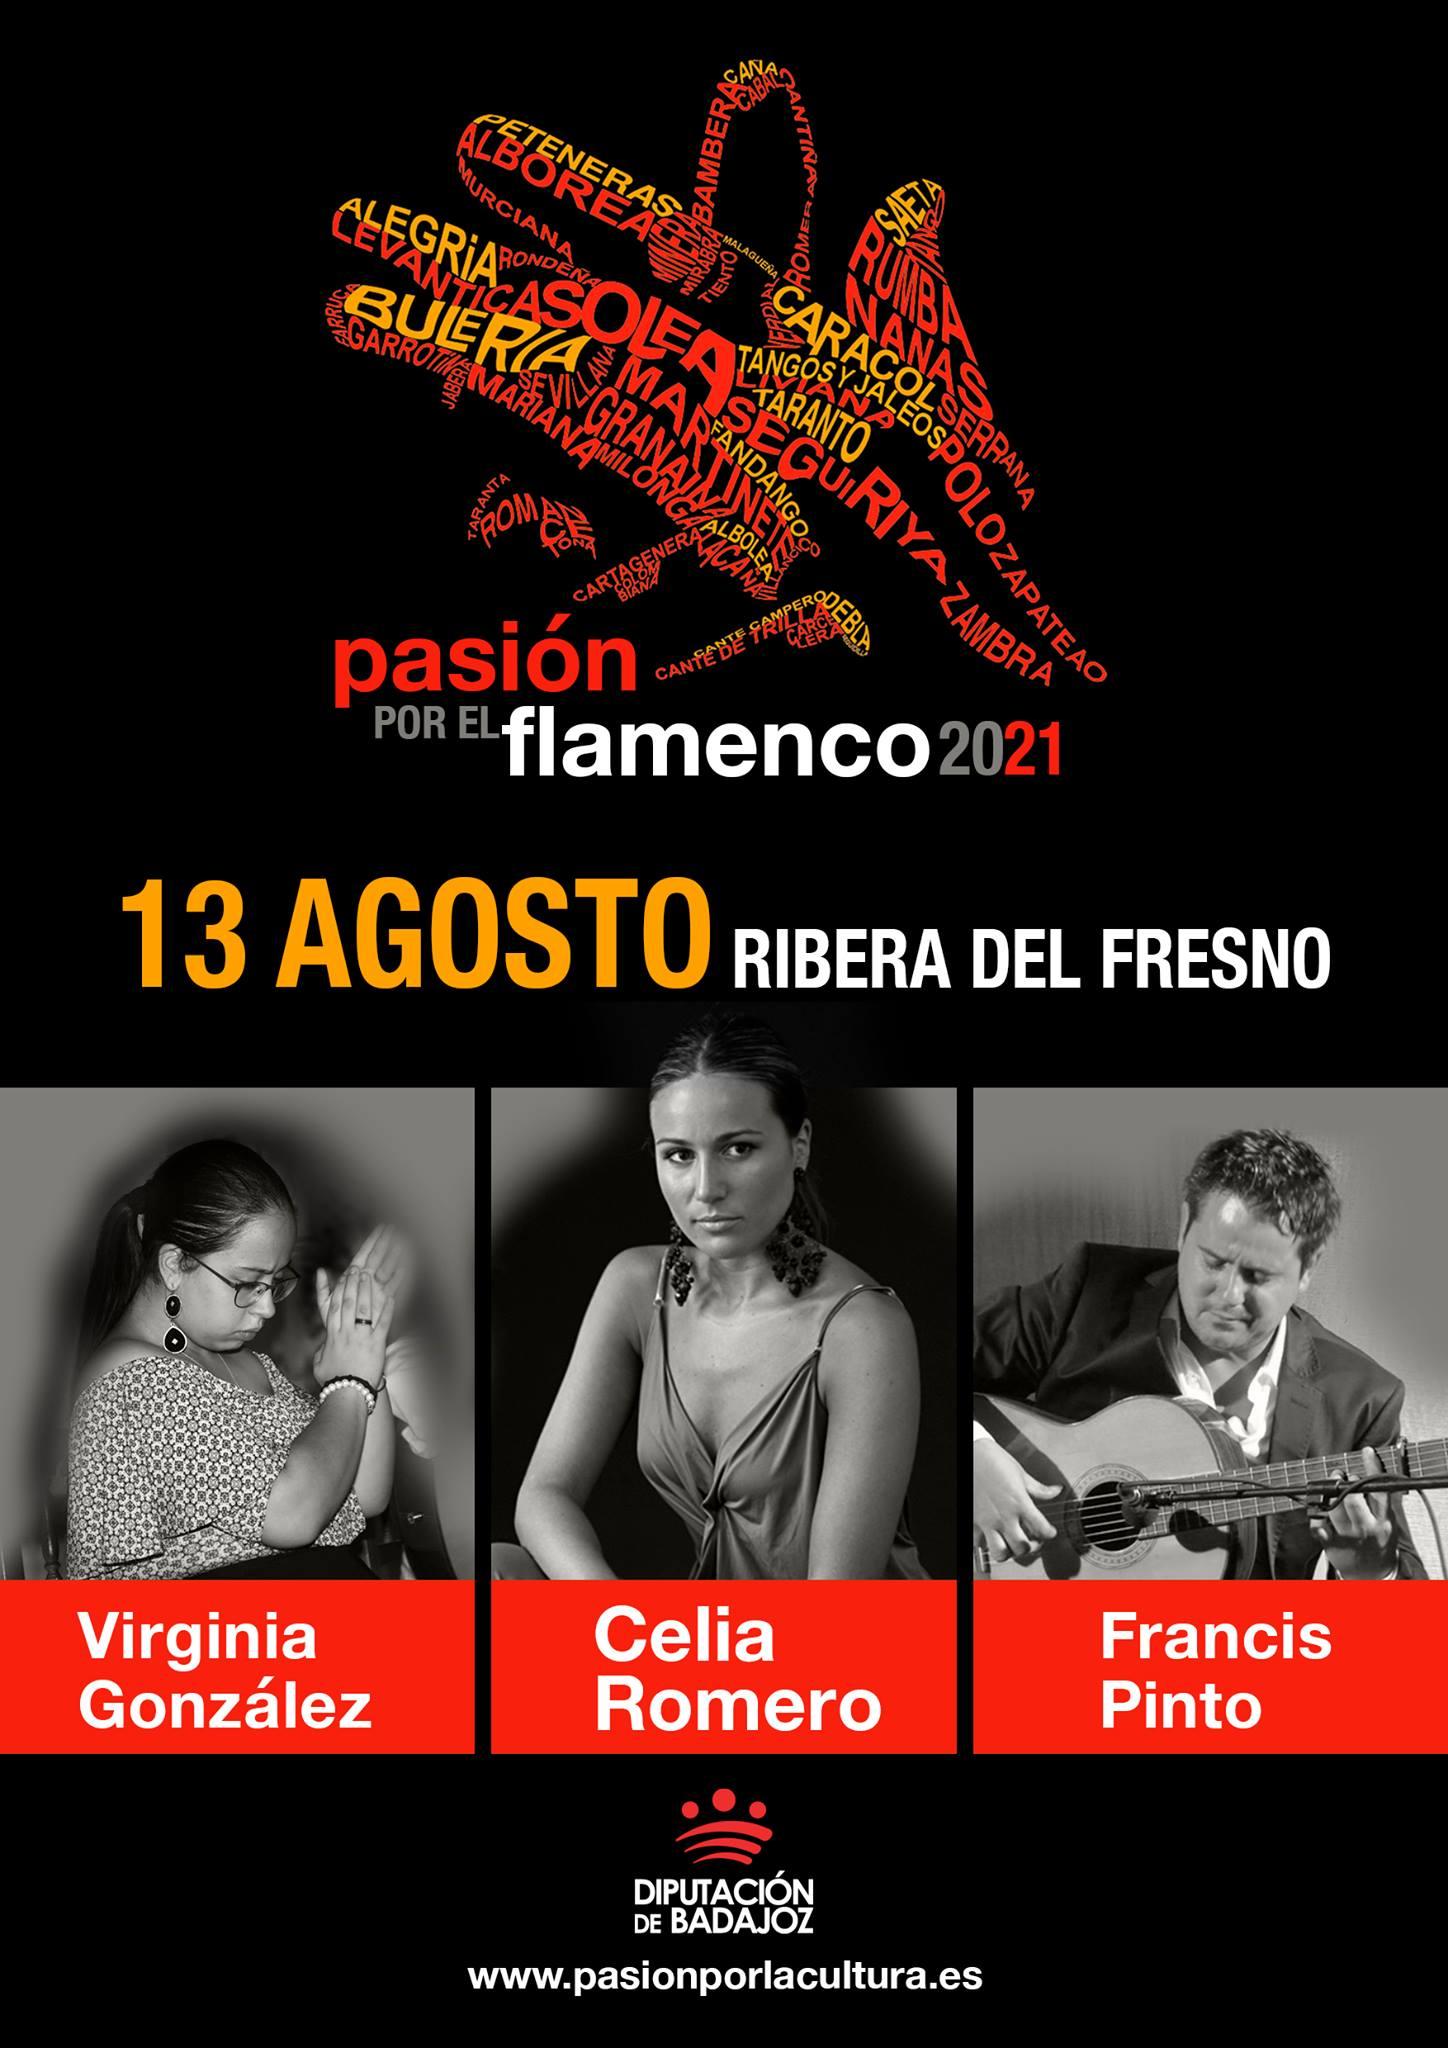 PASIÓN POR EL FLAMENCO | Celia Romero + Virginia González + Francis Pinto